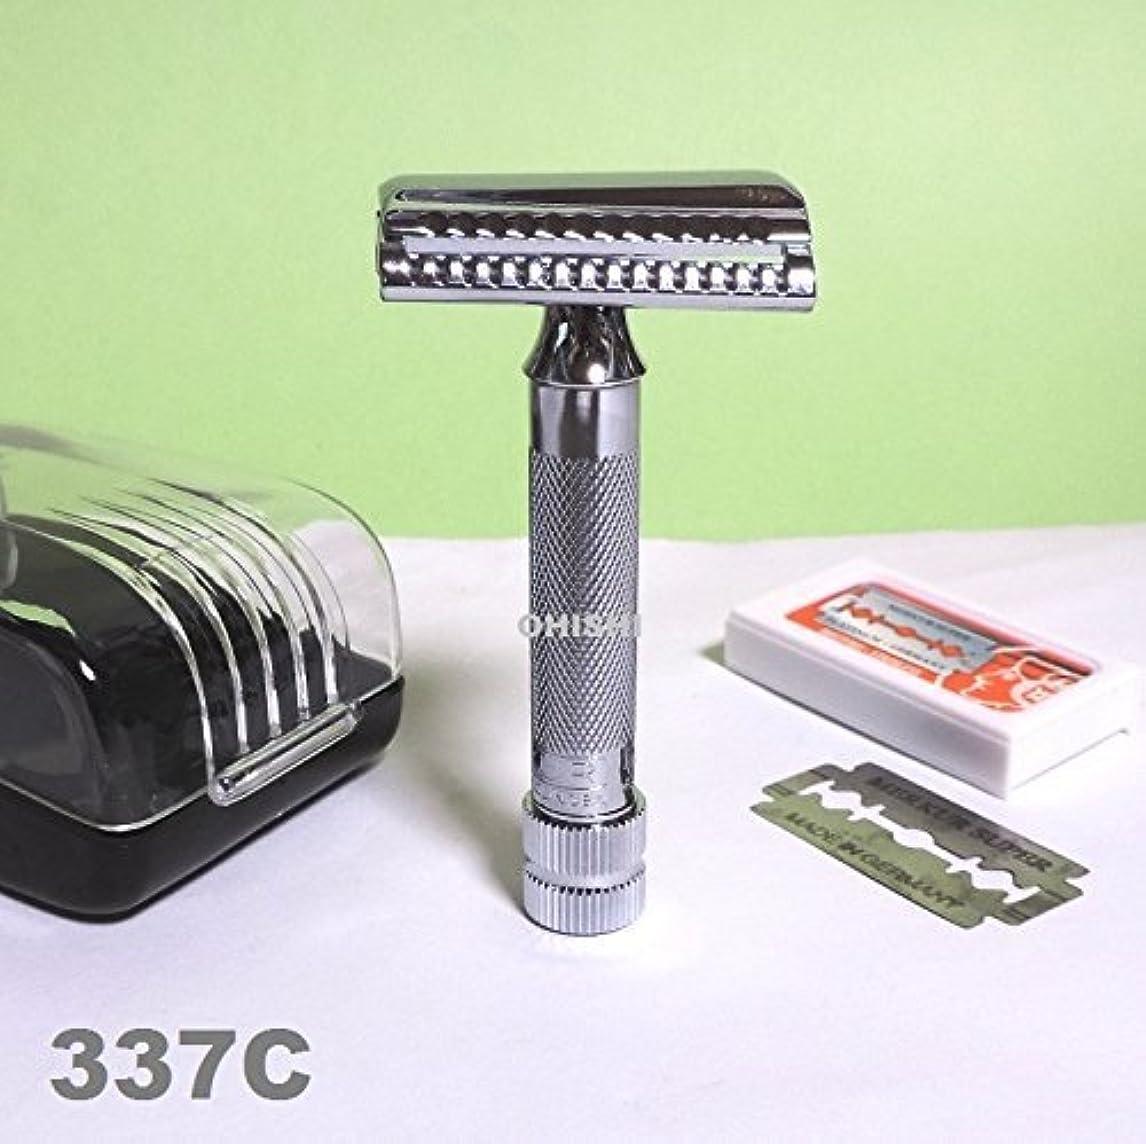 める資本音声メルクールMERKUR(独)髭剃り(ひげそり)両刃ホルダー ツイストヘッド337C (替刃11枚付)プラケース入